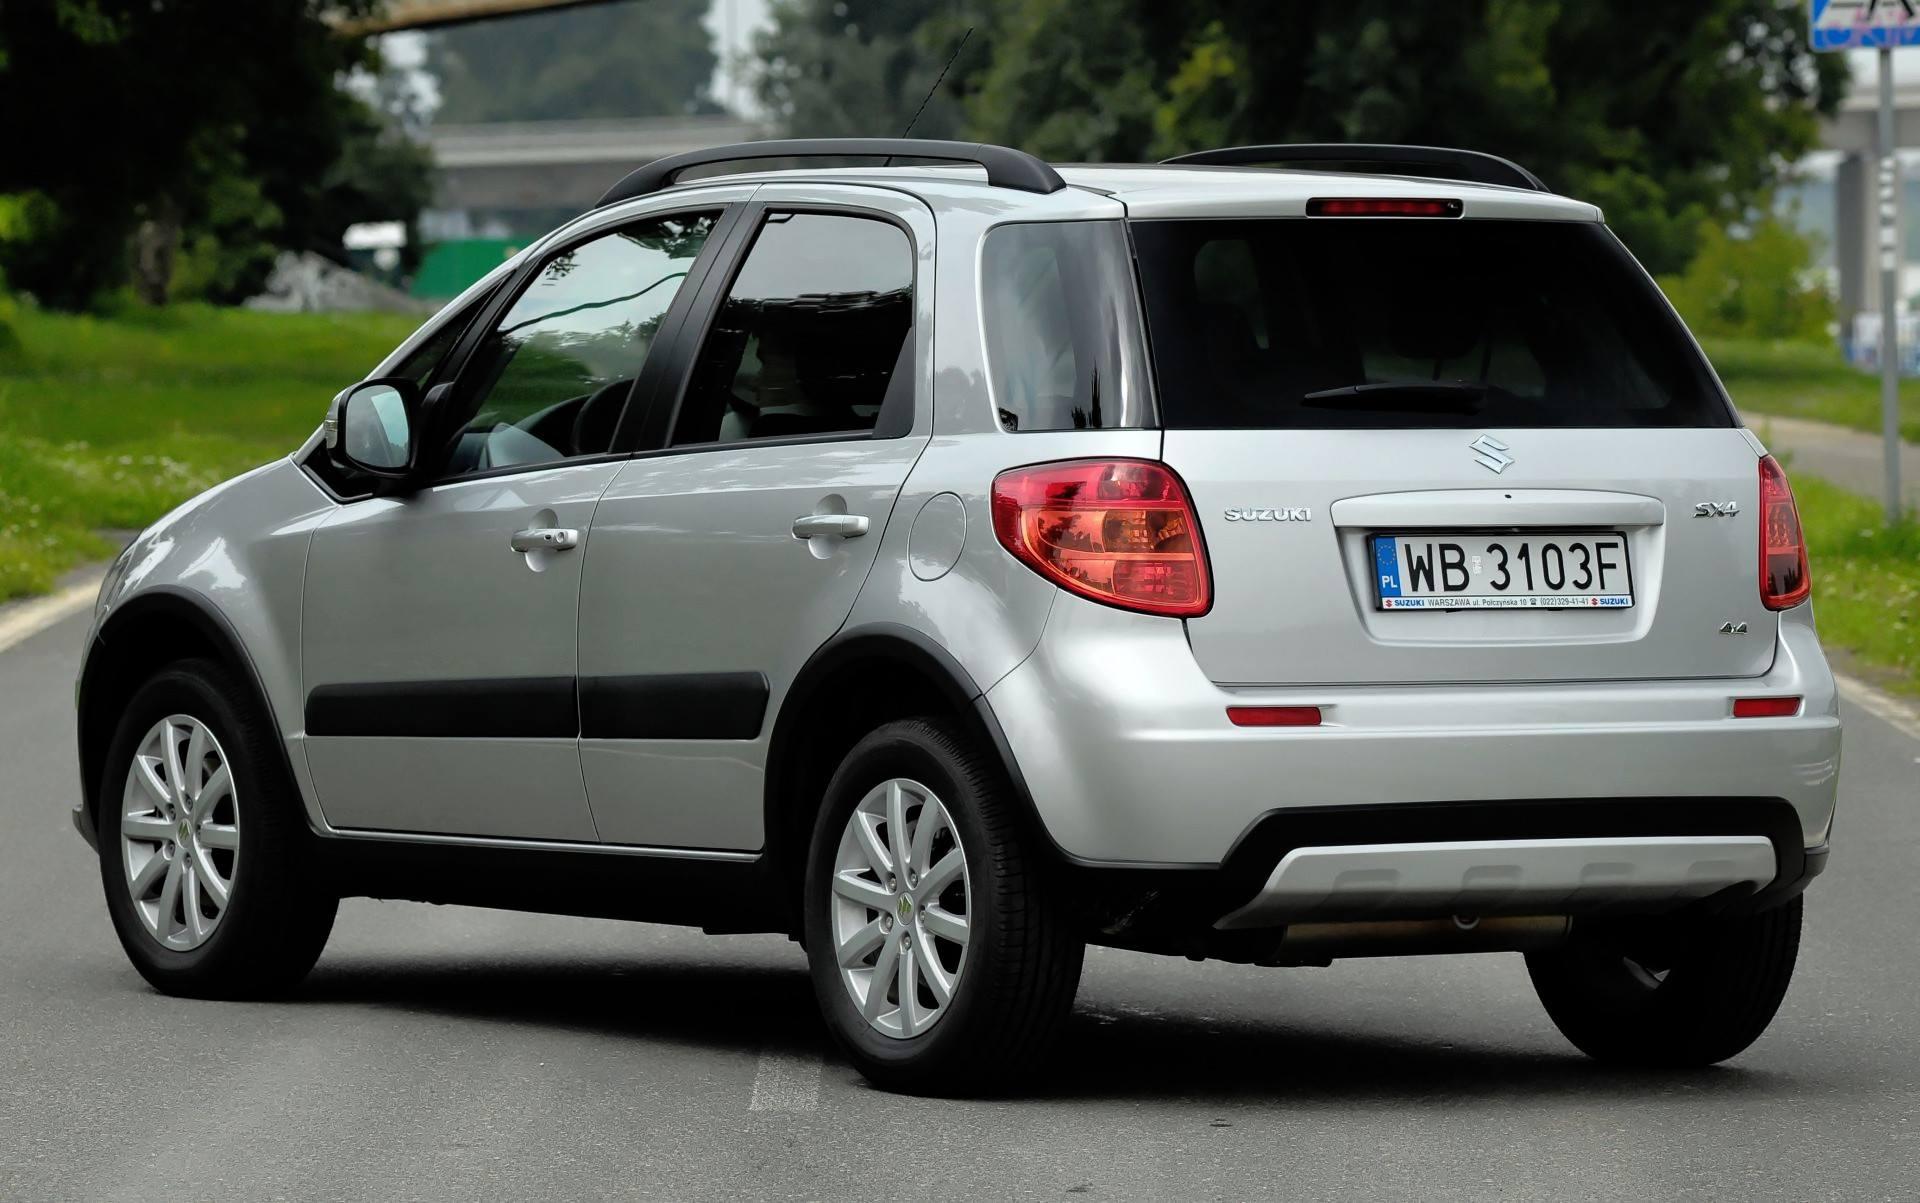 Najlepsze używane SUV-y do 20 tys. zł - Strona 2